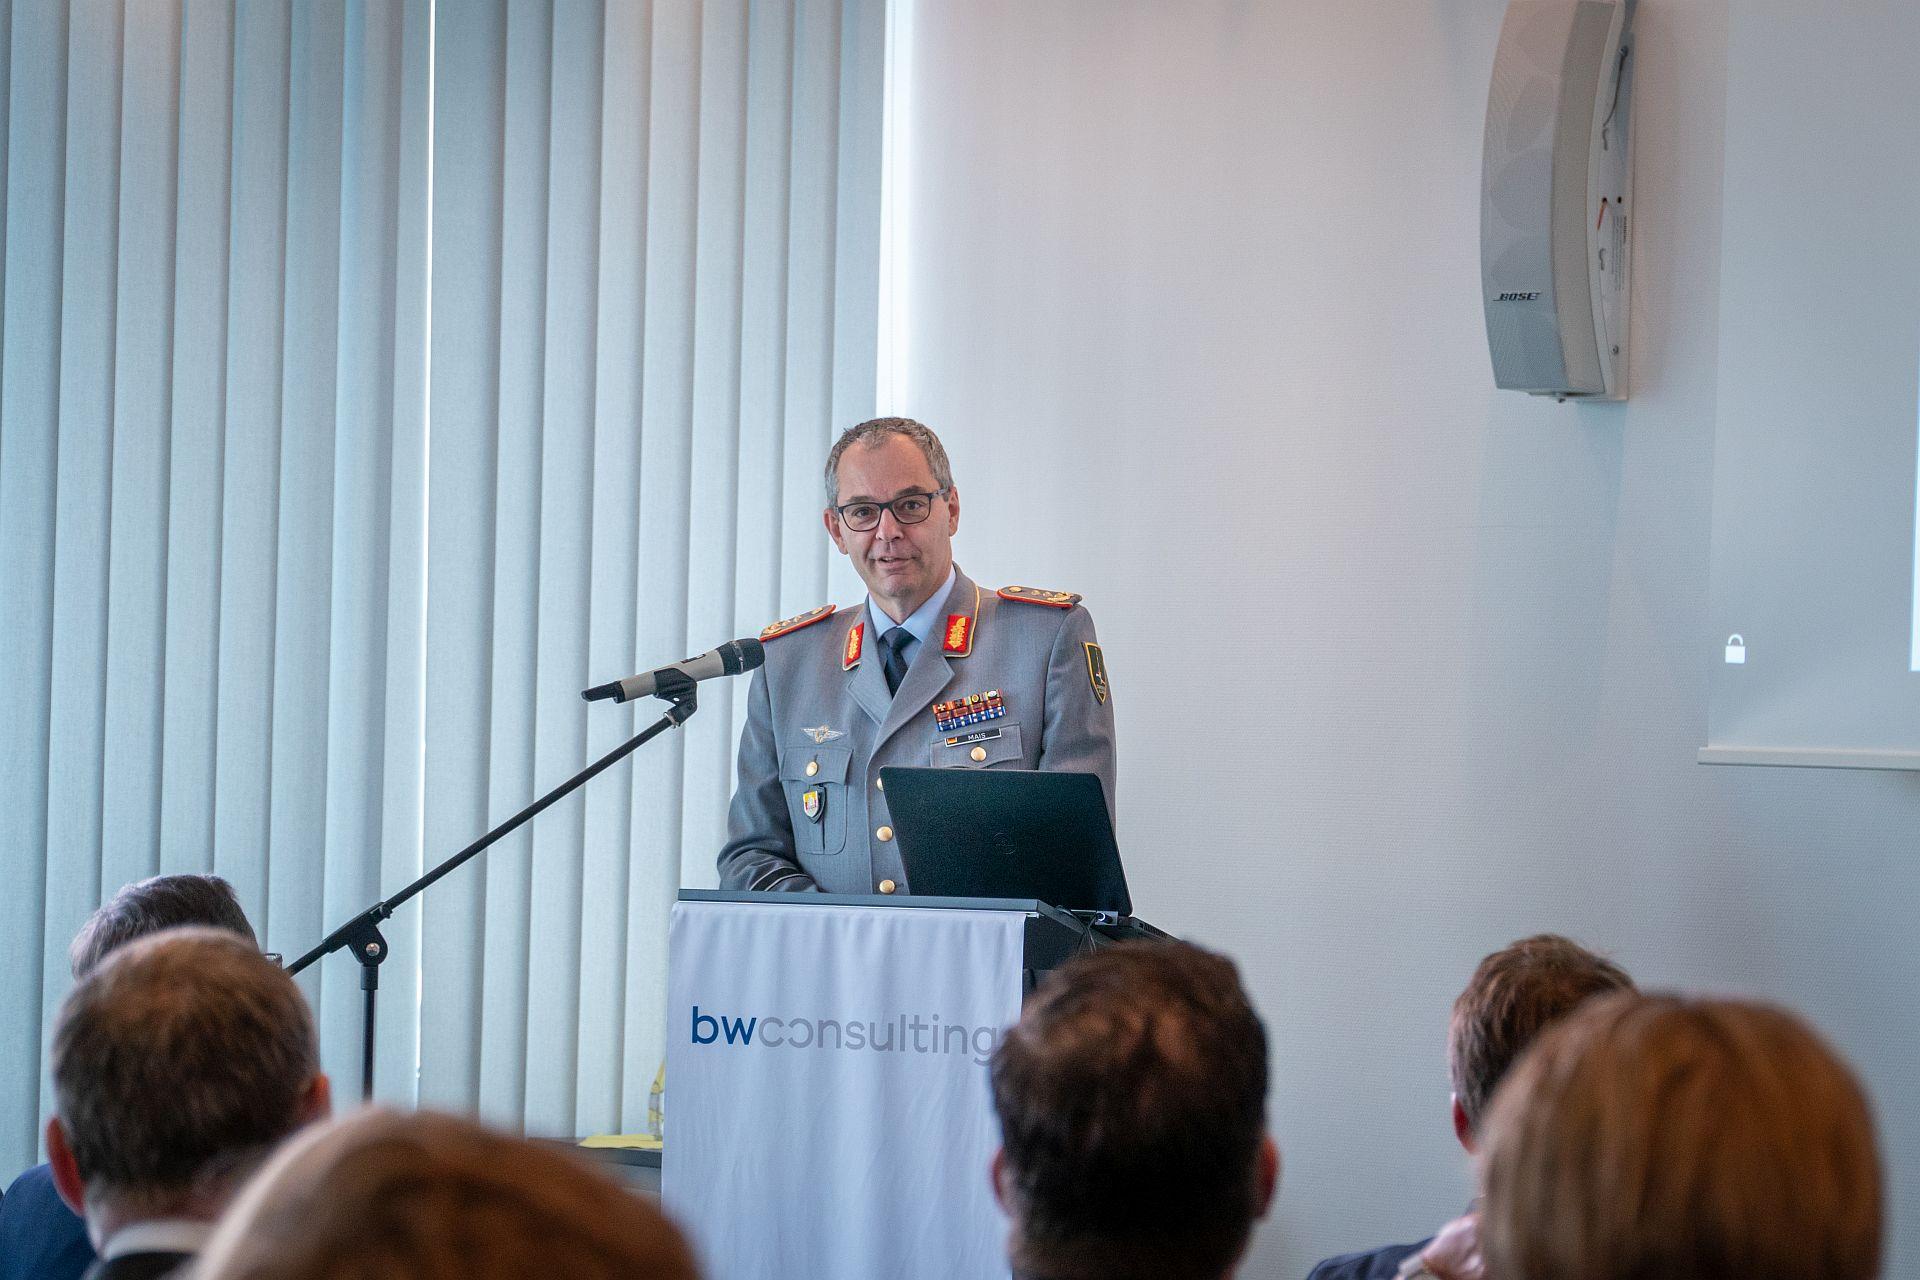 Generalleutnant Mais bei seinem Vortrag